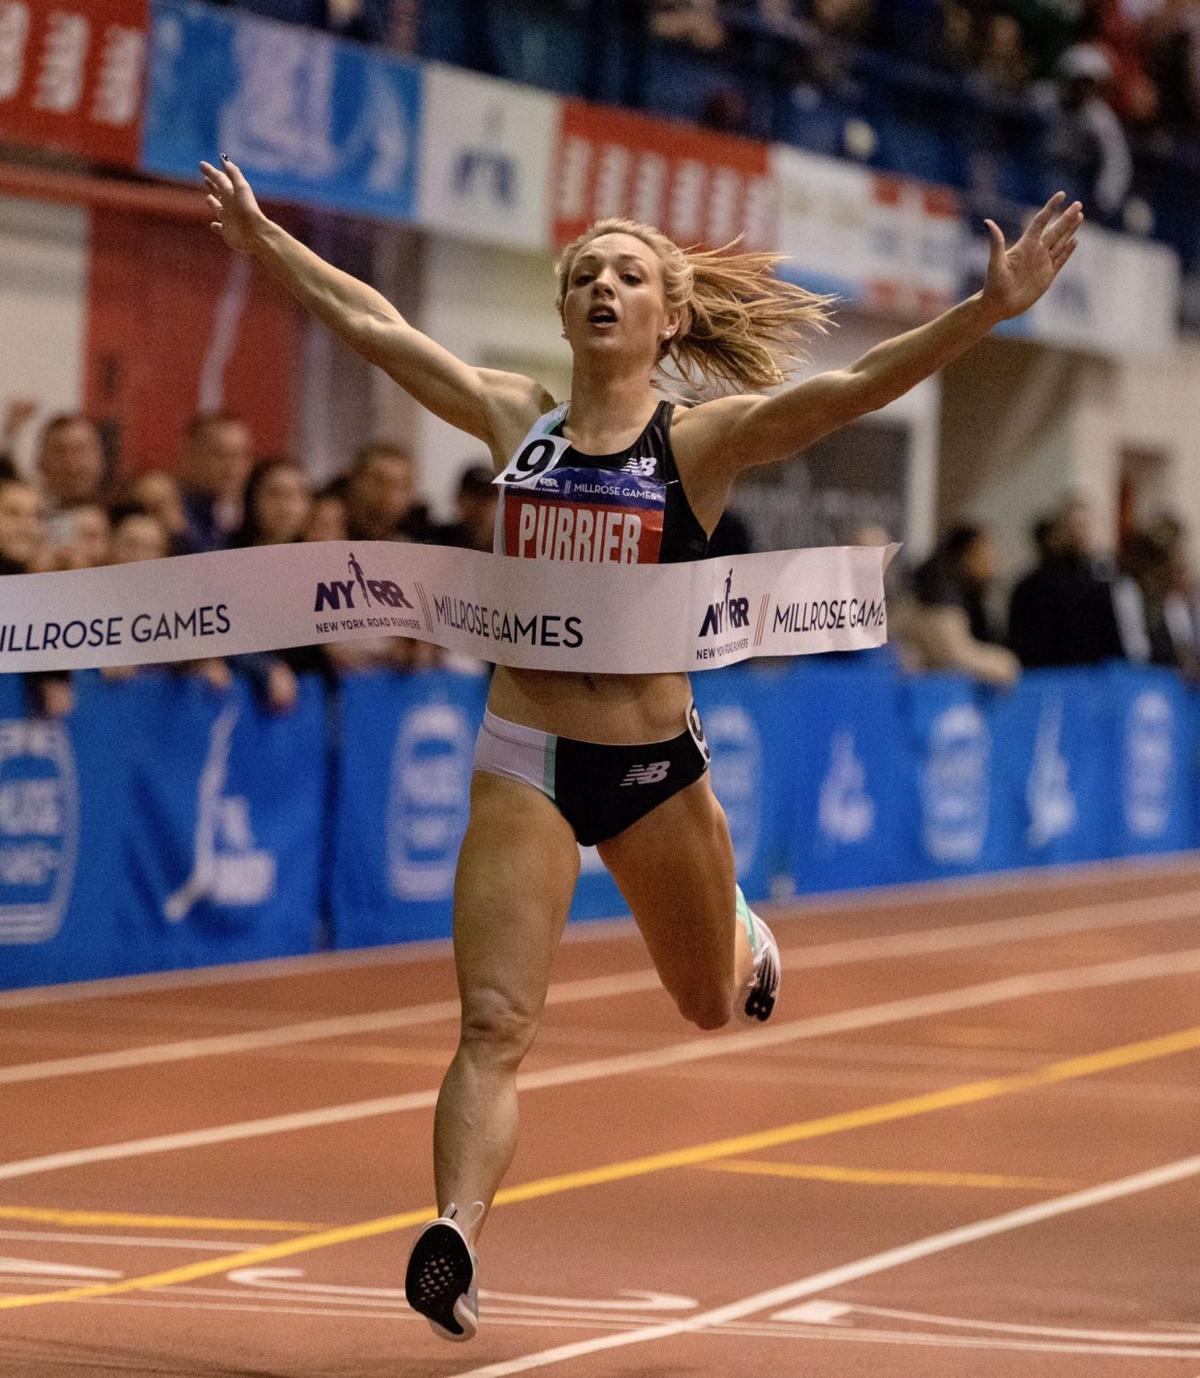 Elle Purrrier crosses the finish line